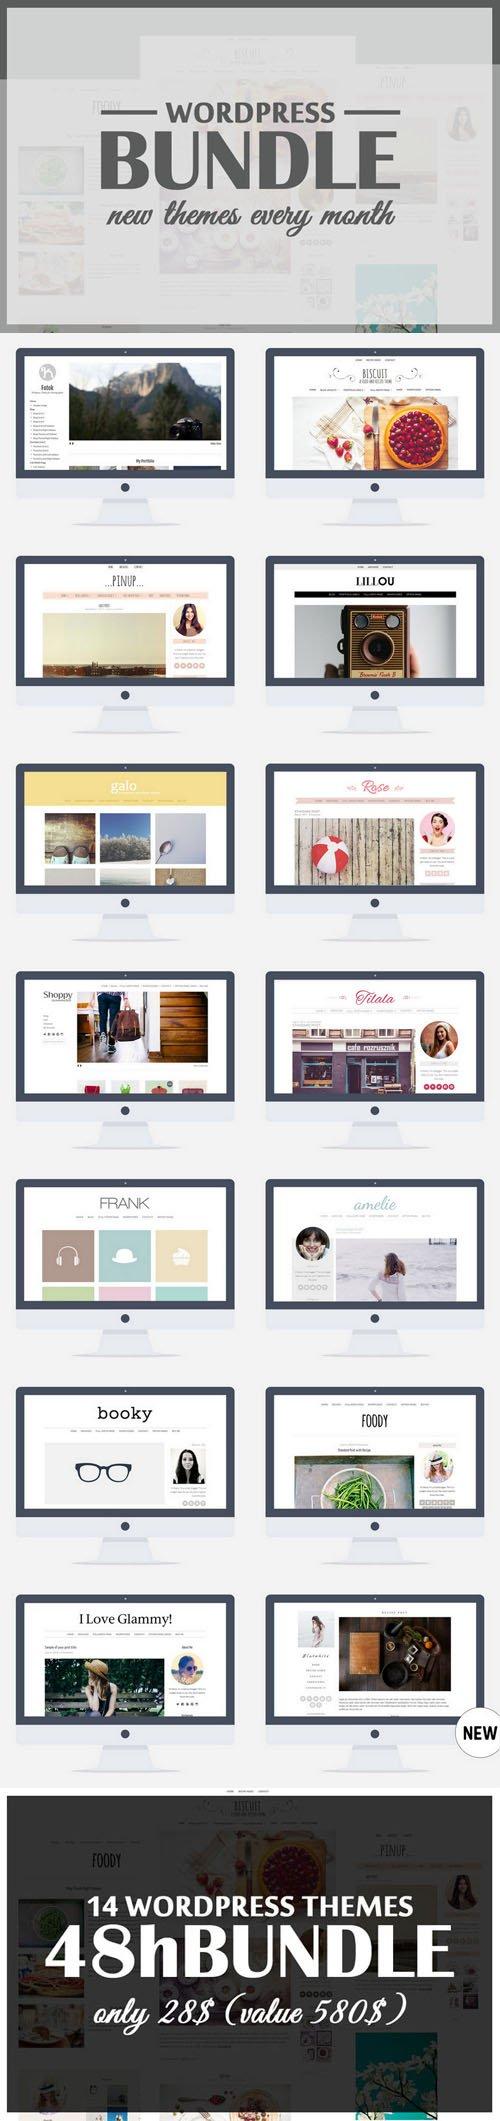 Wordpress Theme Bundle - All Shop - Creativemarket 244843